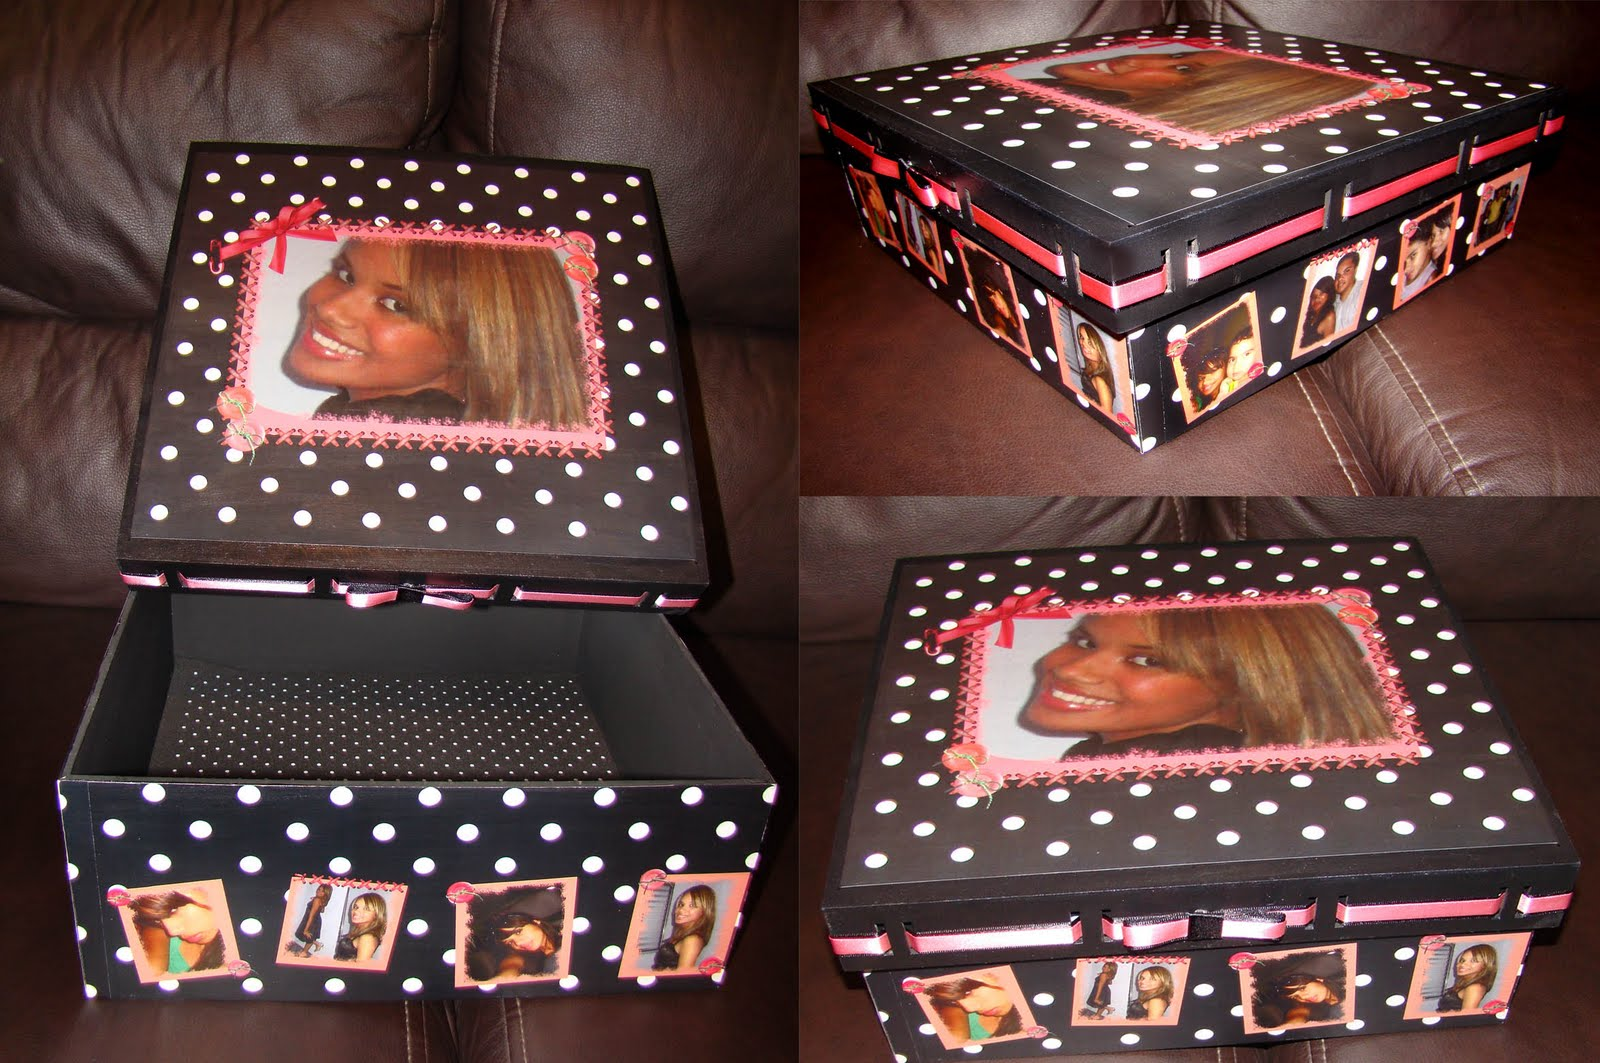 #B1571A Drika Presentes personalizados: Caixa de presente personalizada 1600x1063 px caixa de madeira personalizada como fazer @ bernauer.info Móveis Antigos Novos E Usados Online